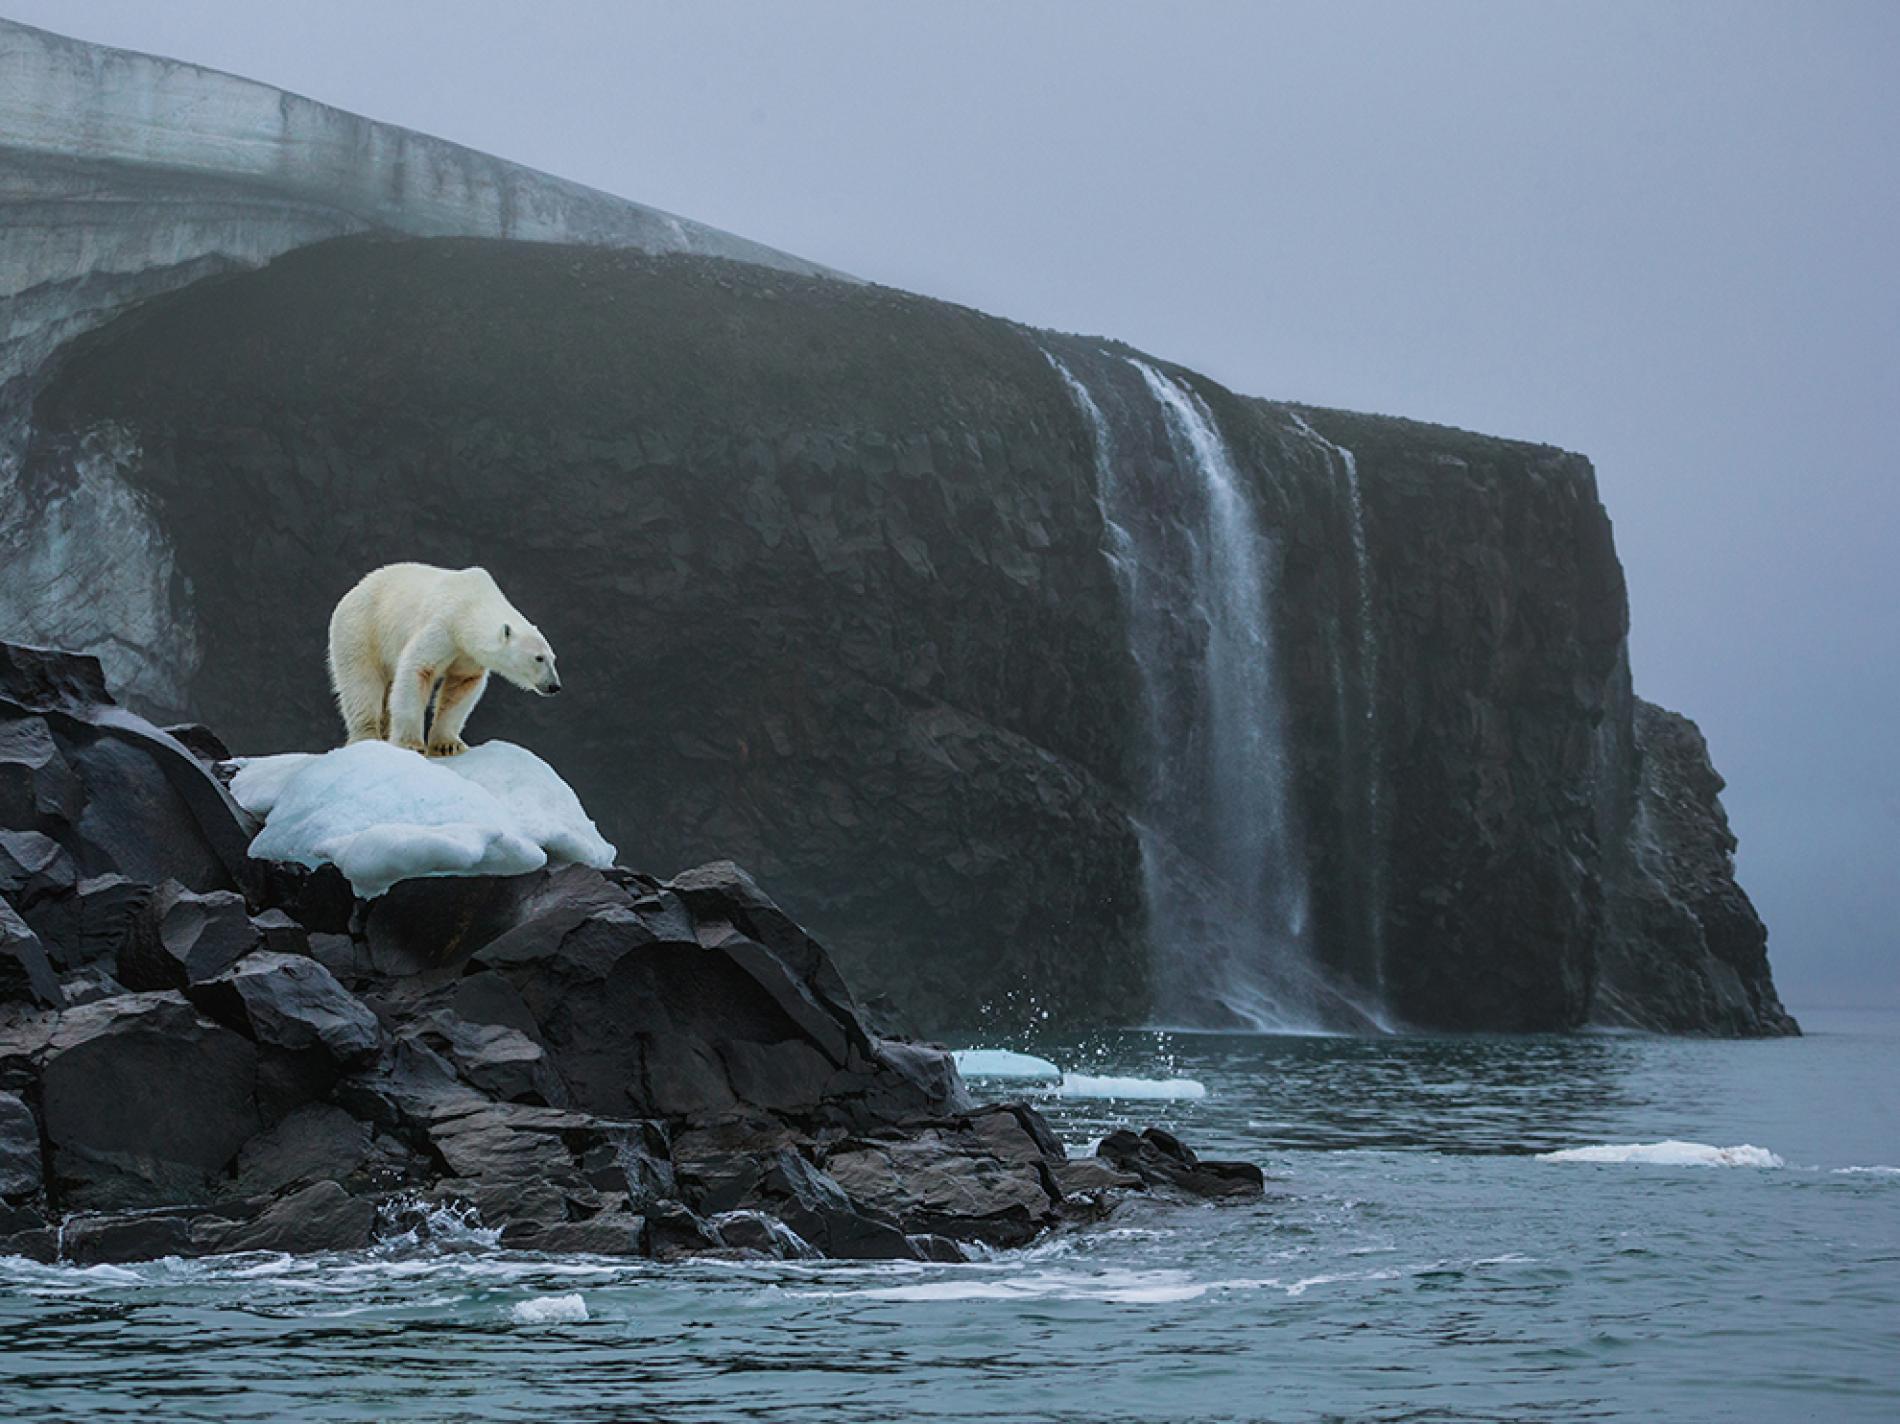 Capire il cambiamento climatico in mostra a Milano: gli scatti del National Geographic